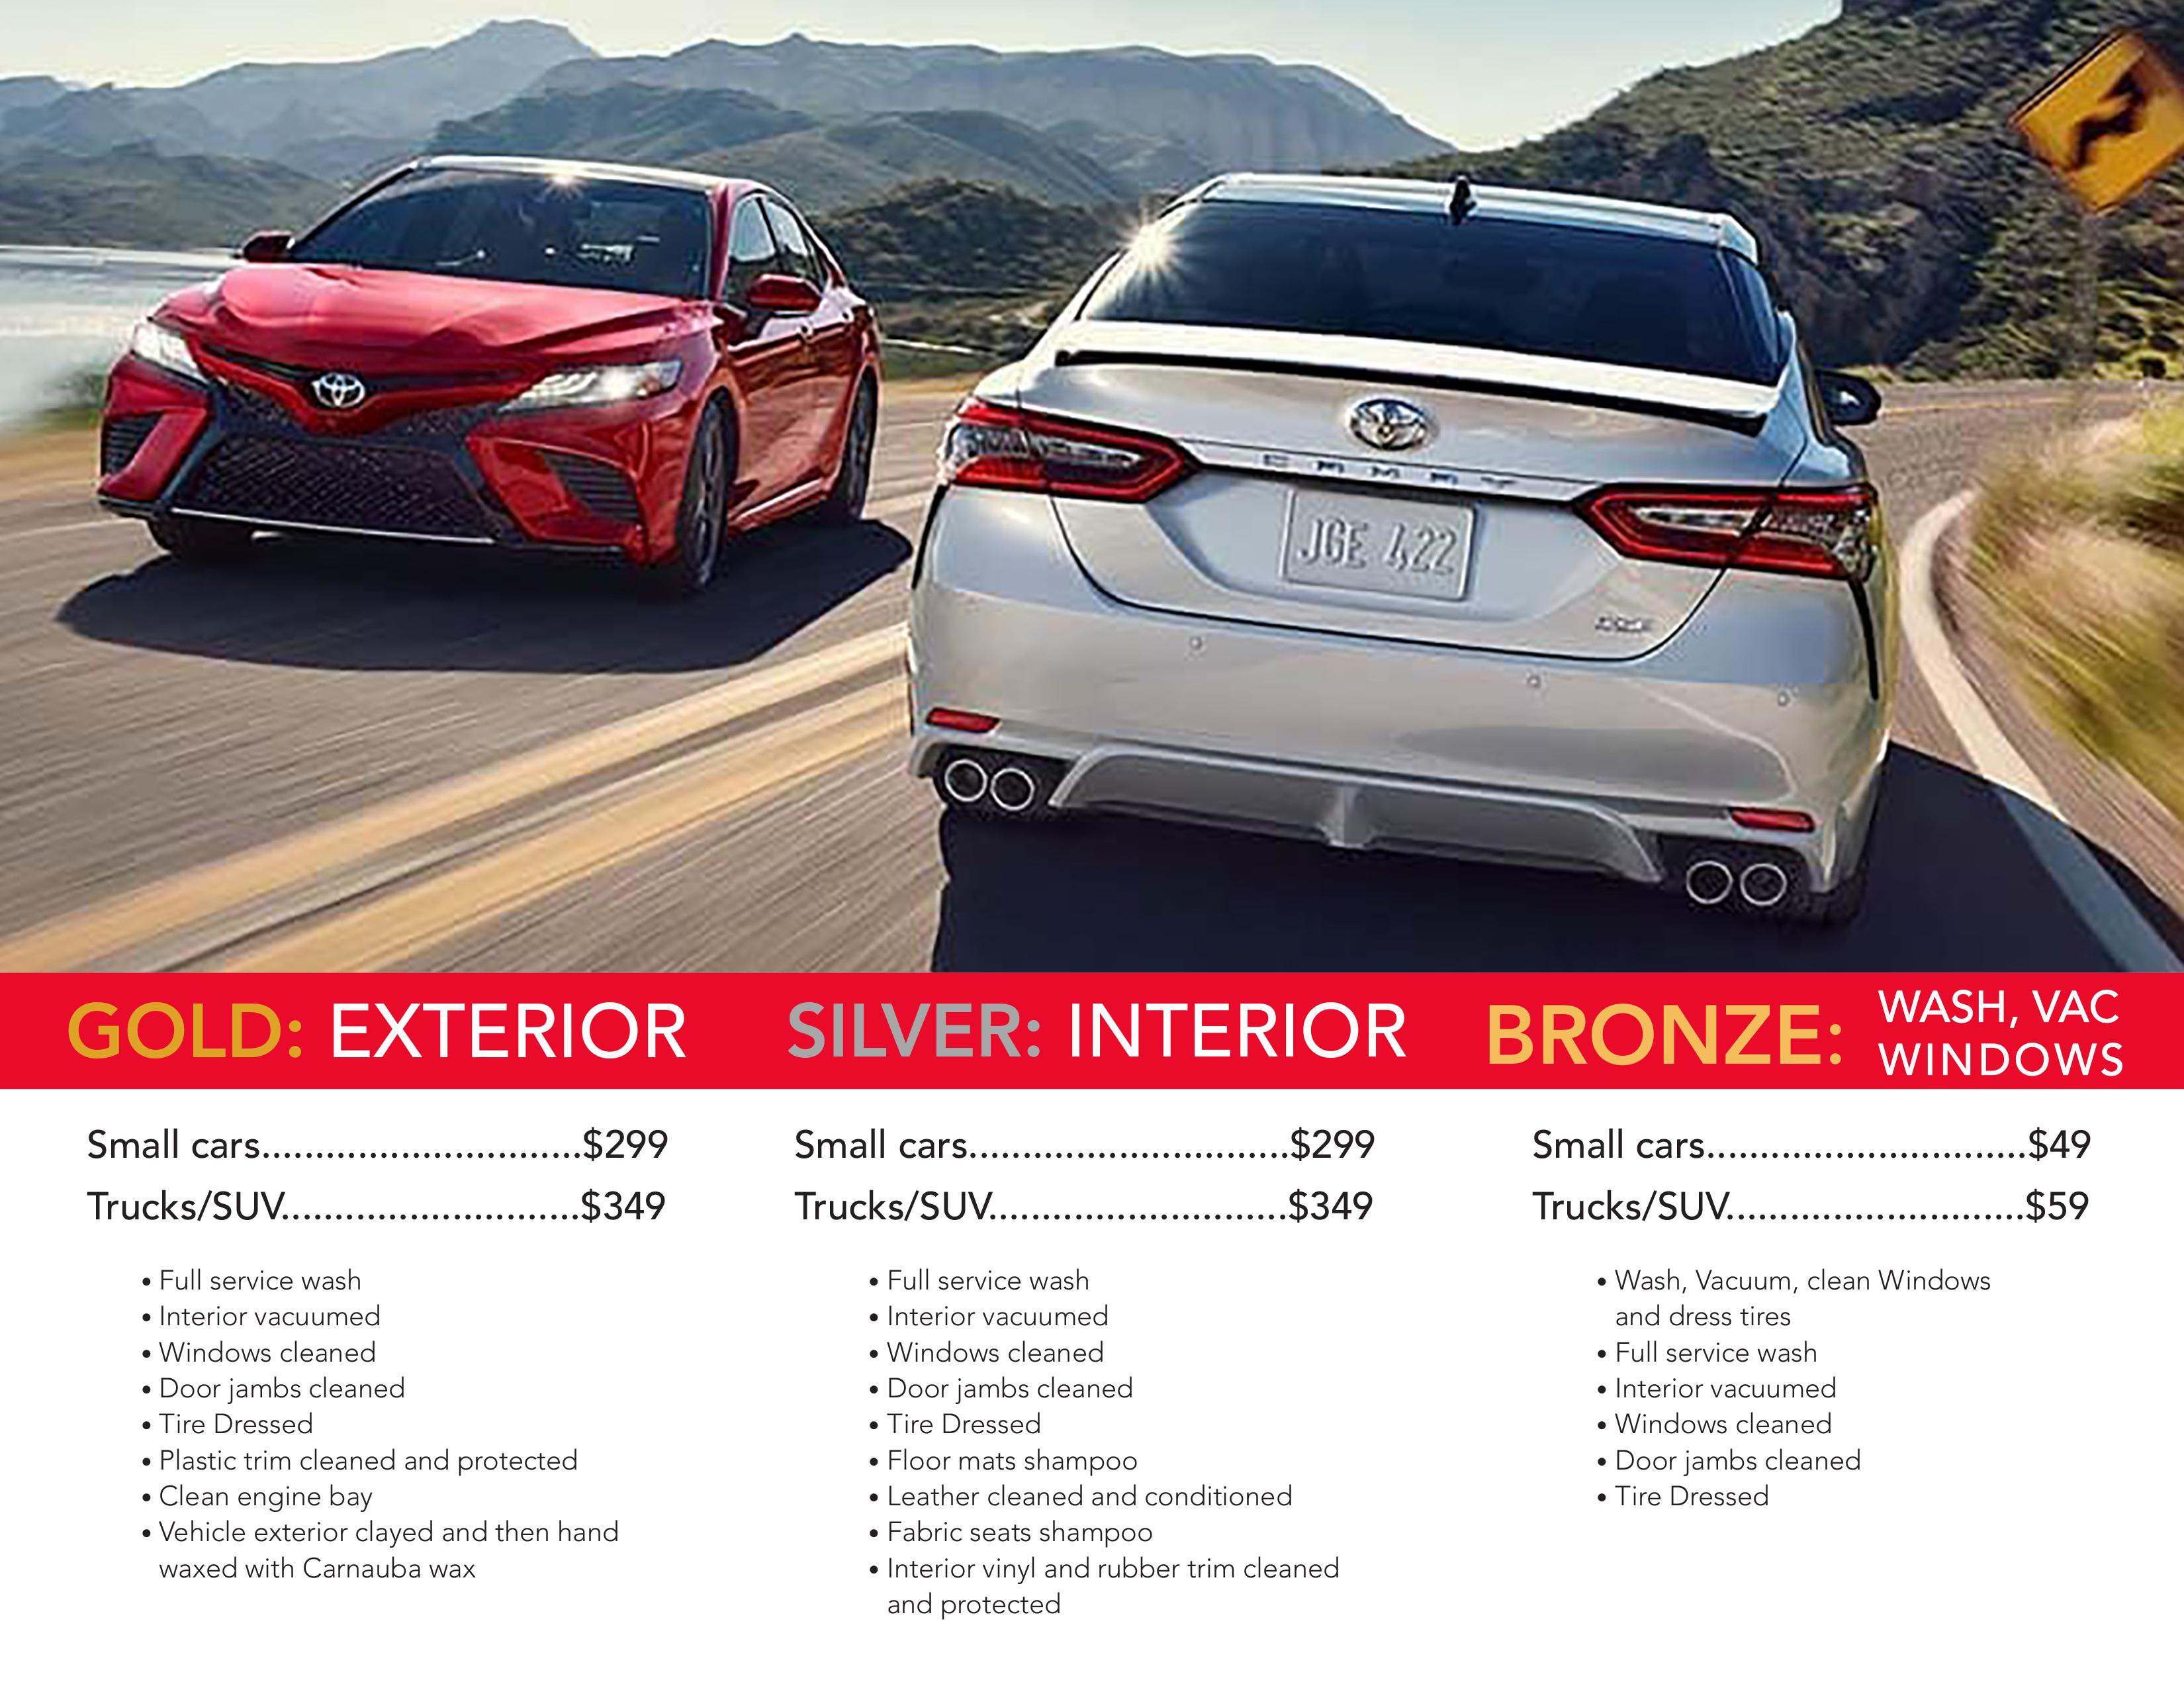 Toyota of Berkley Detailing Brochure 2